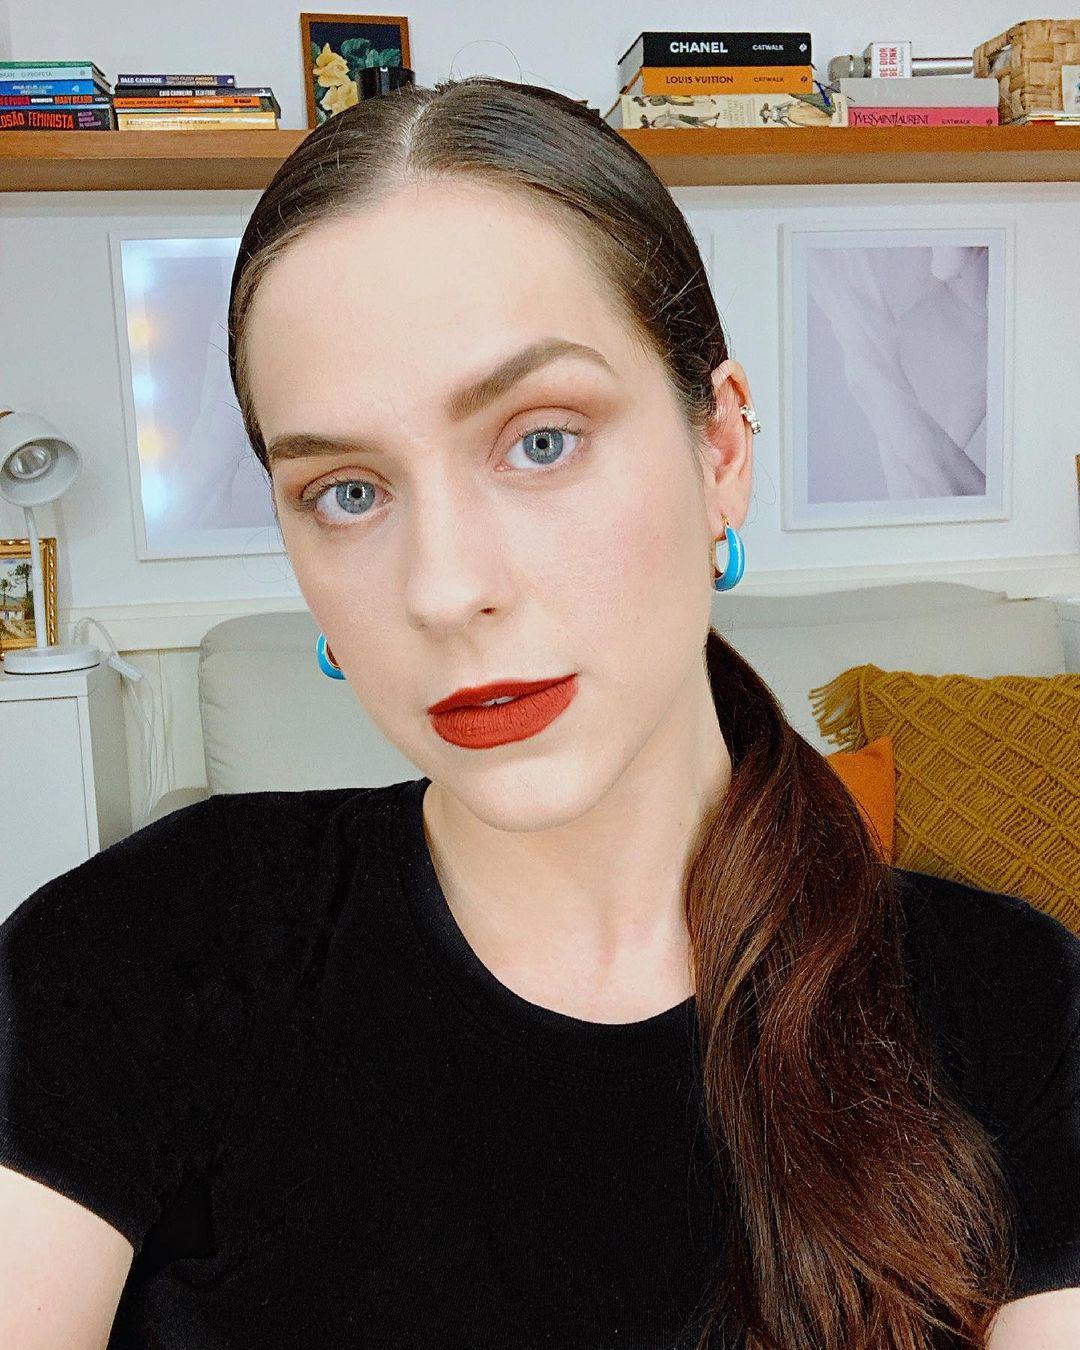 Selfie de Sophia Abrahão; ela está sorrindo levemente com camiseta preta, cabelo preso, brincos azuis e batom vermelho